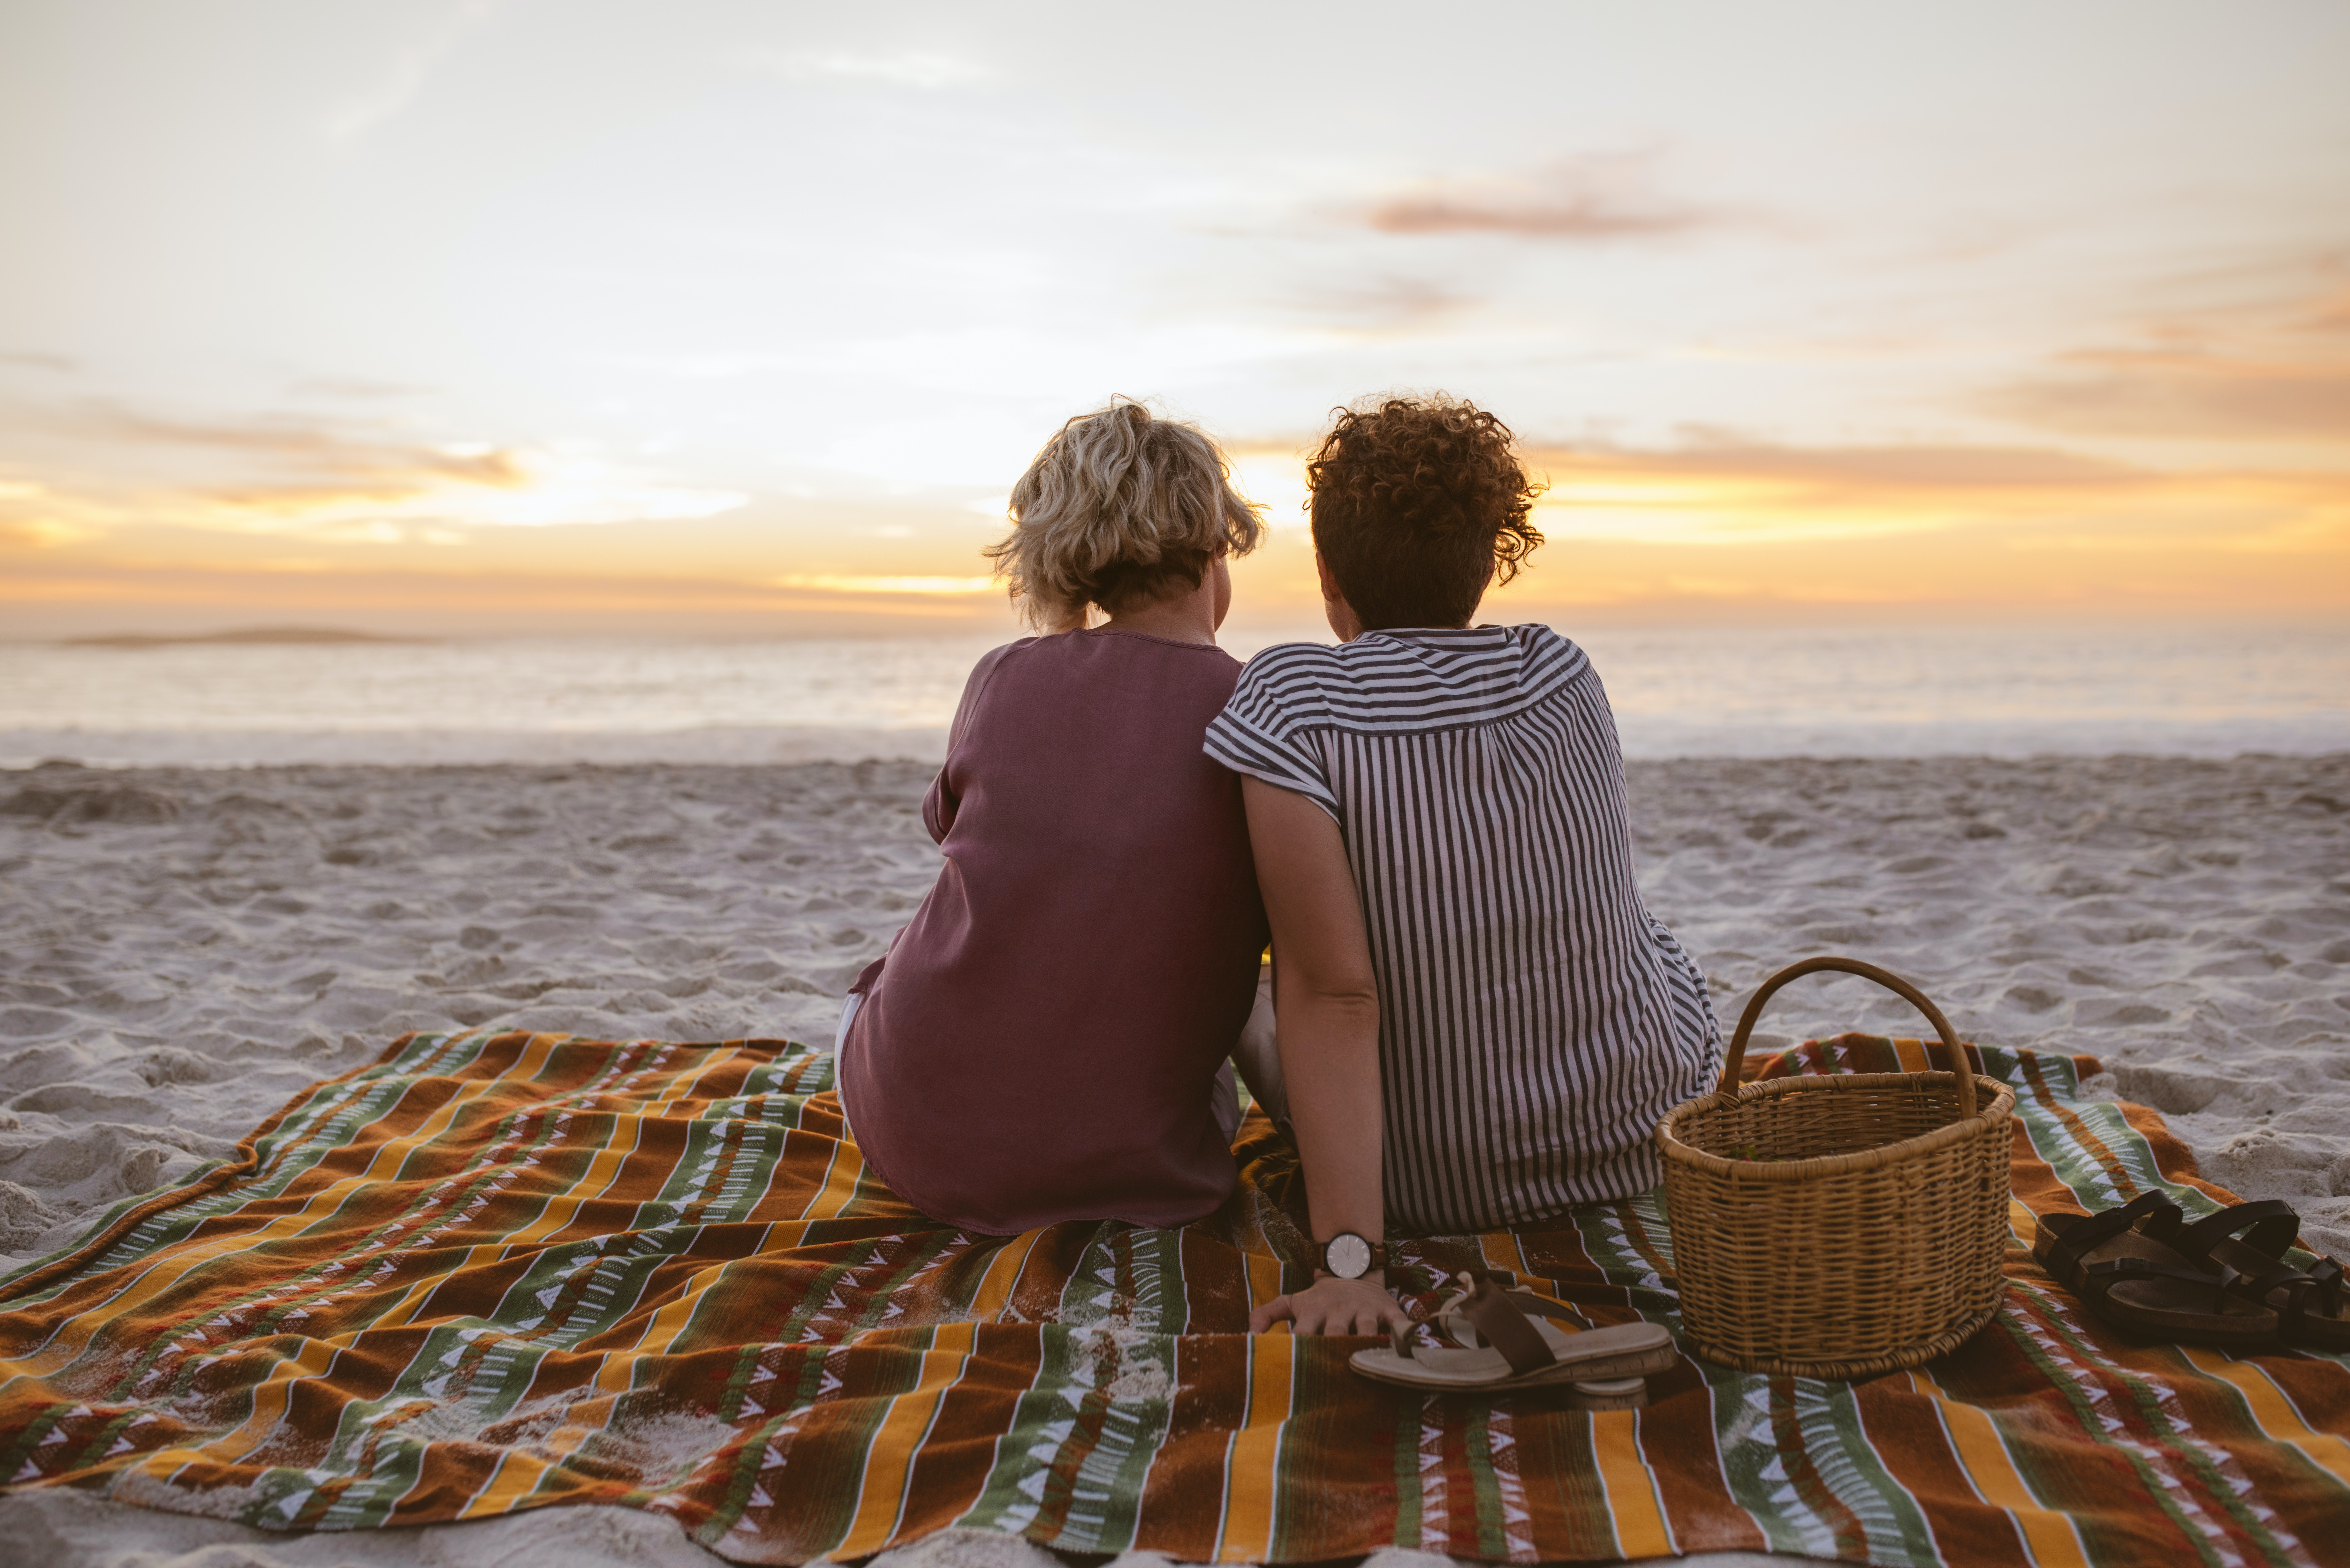 hpv vaccine monogamous relationship)